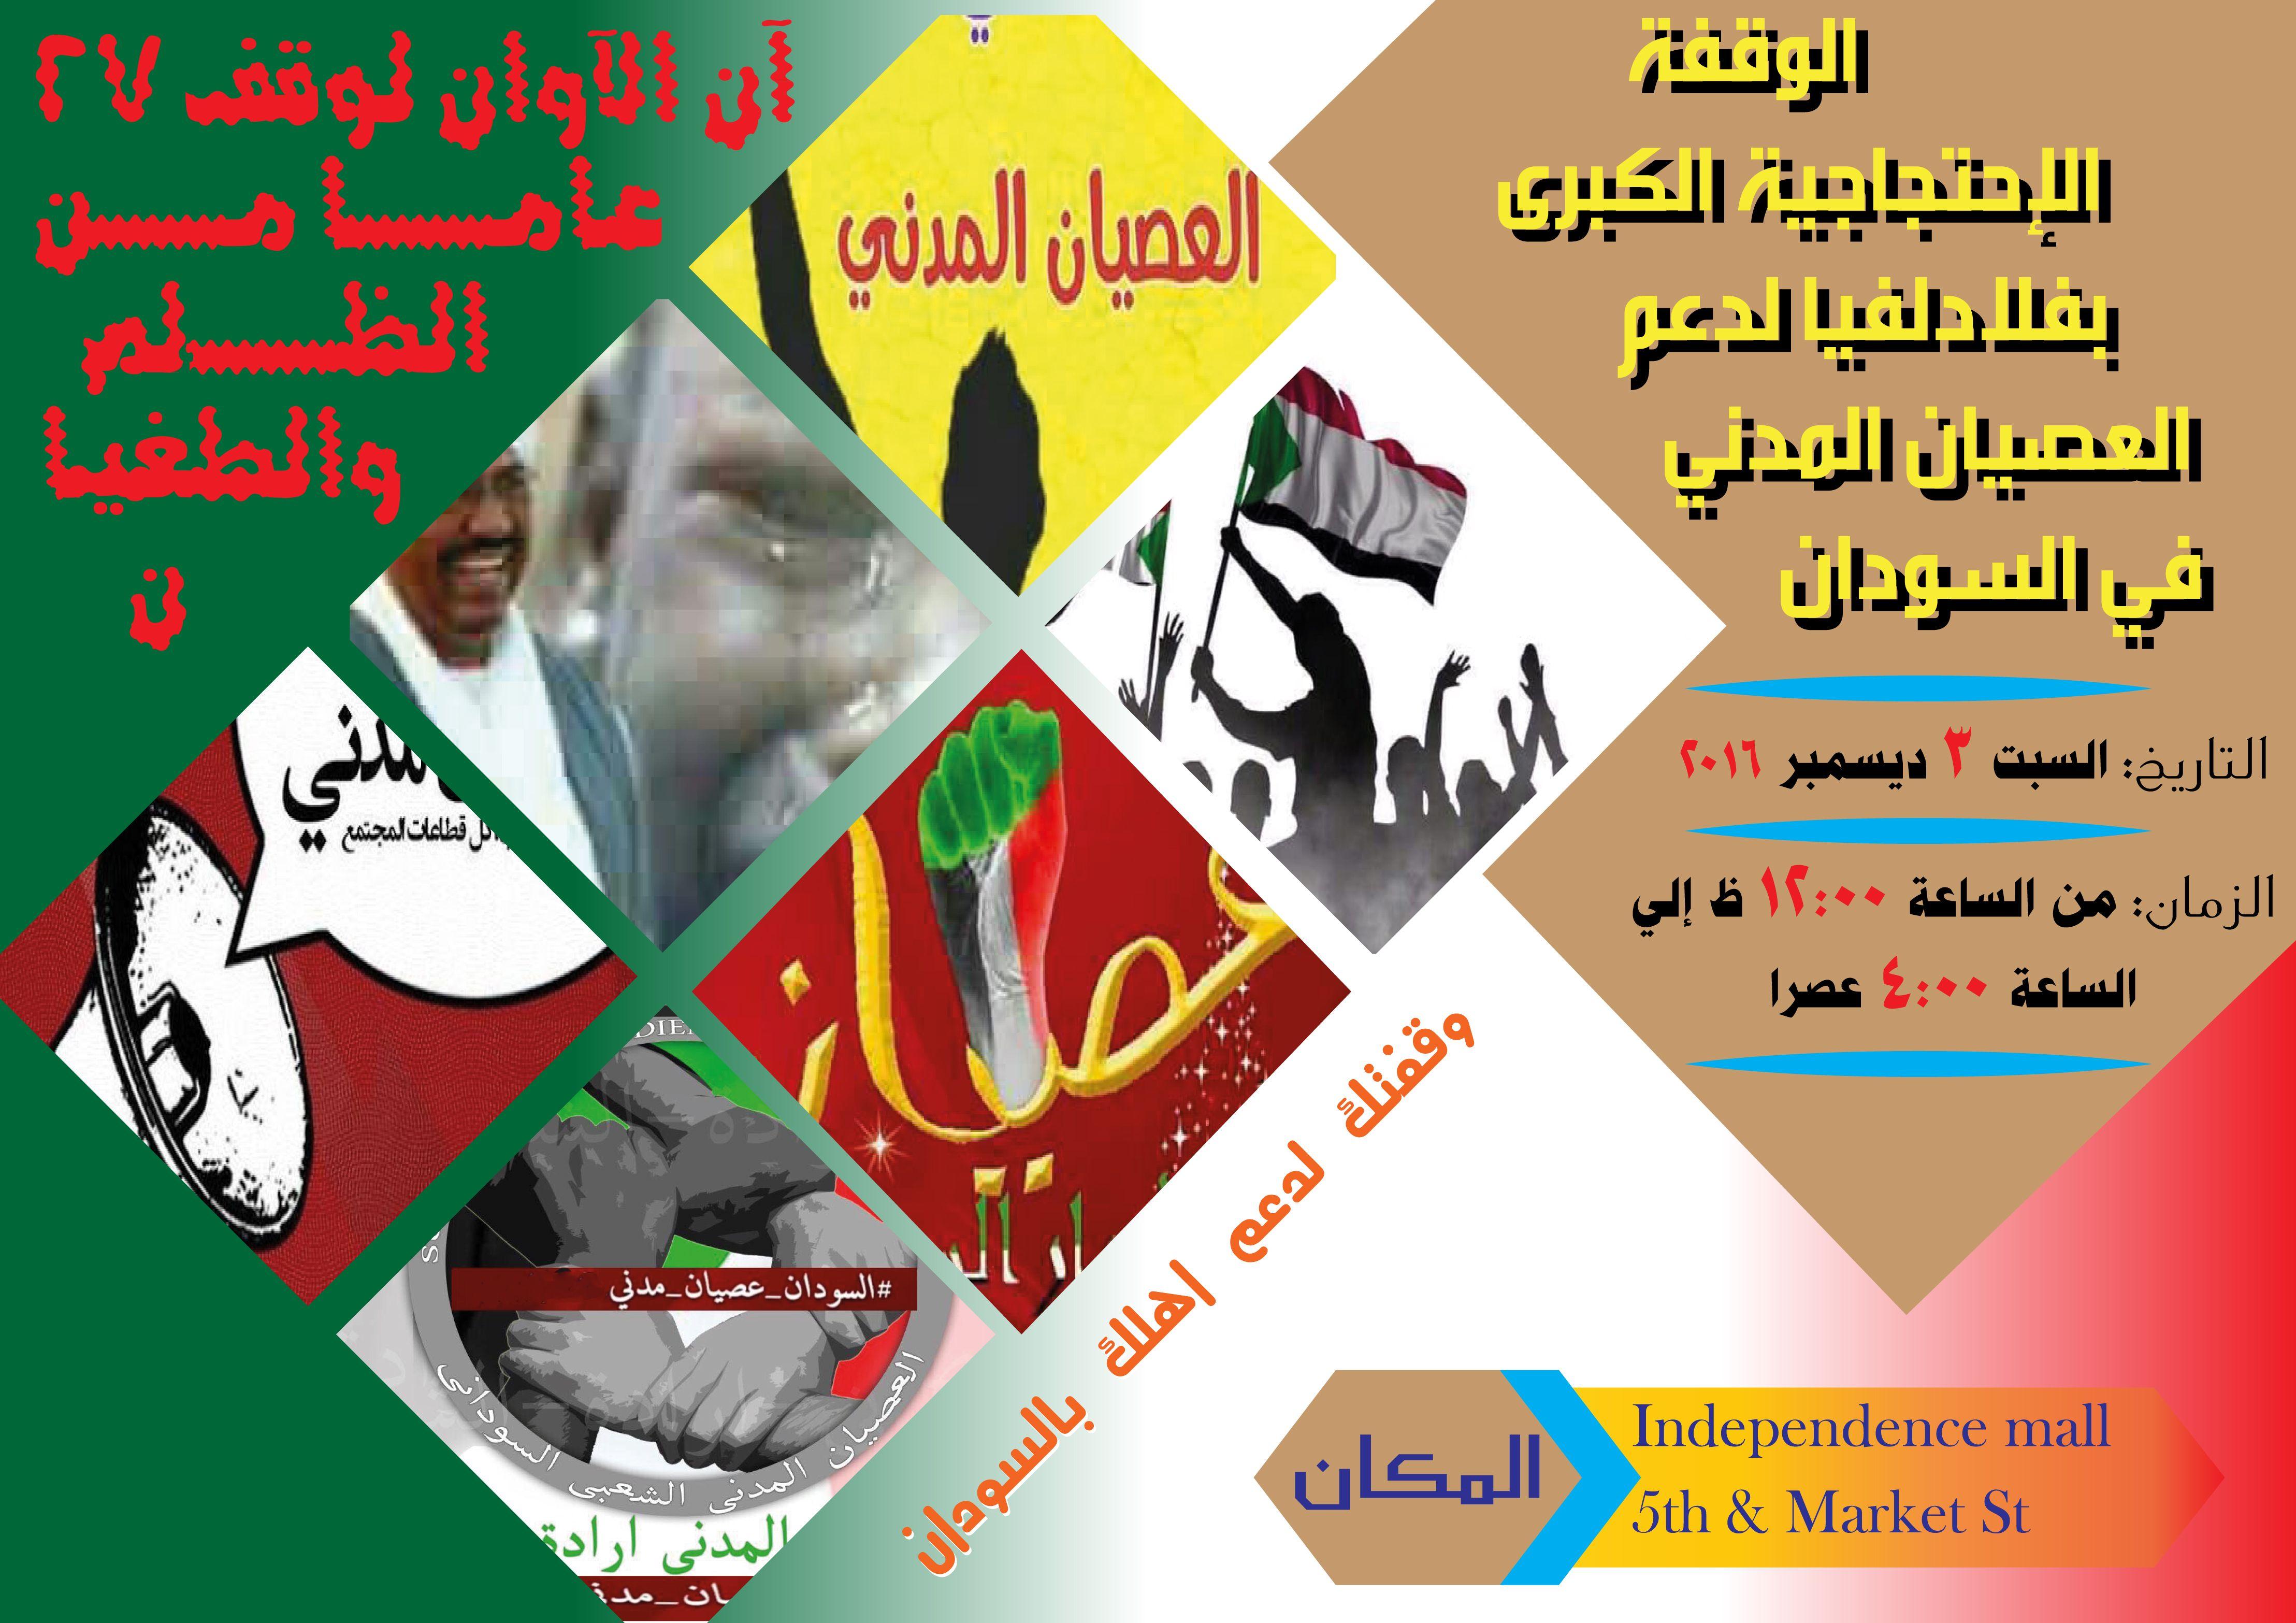 الوقفة الاحتجاجية الكبرى بفلادلفيا لدعم العصيان المدنى فى السودان